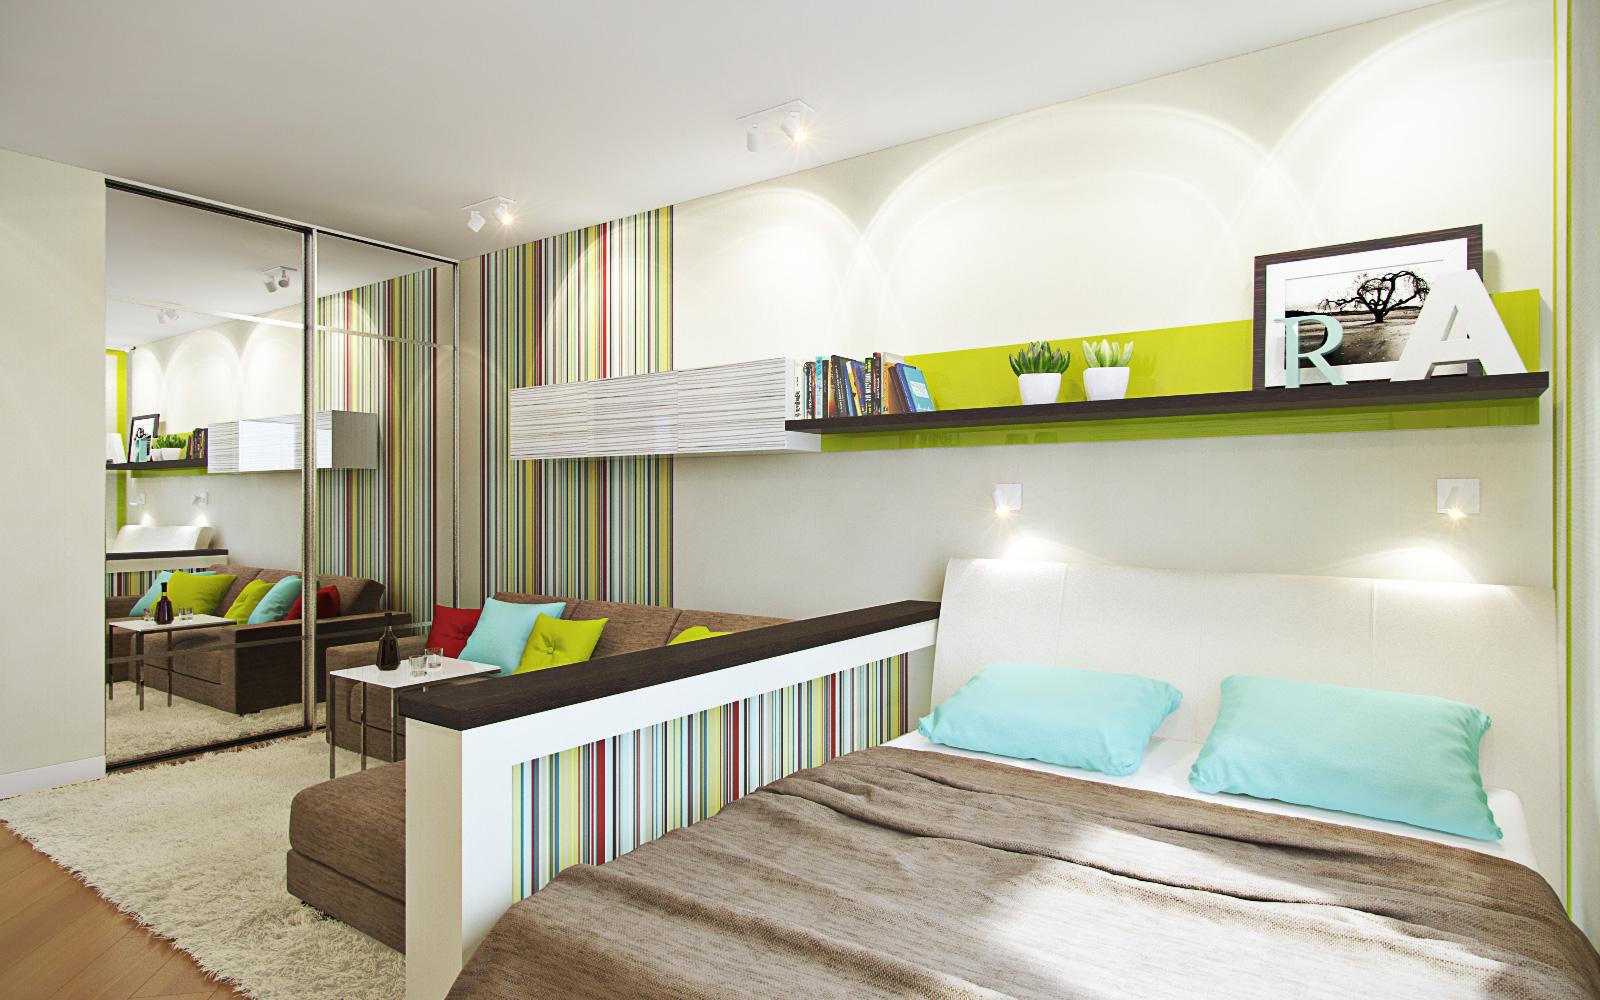 Спальня в однокомнатной квартире в ярком дизайне